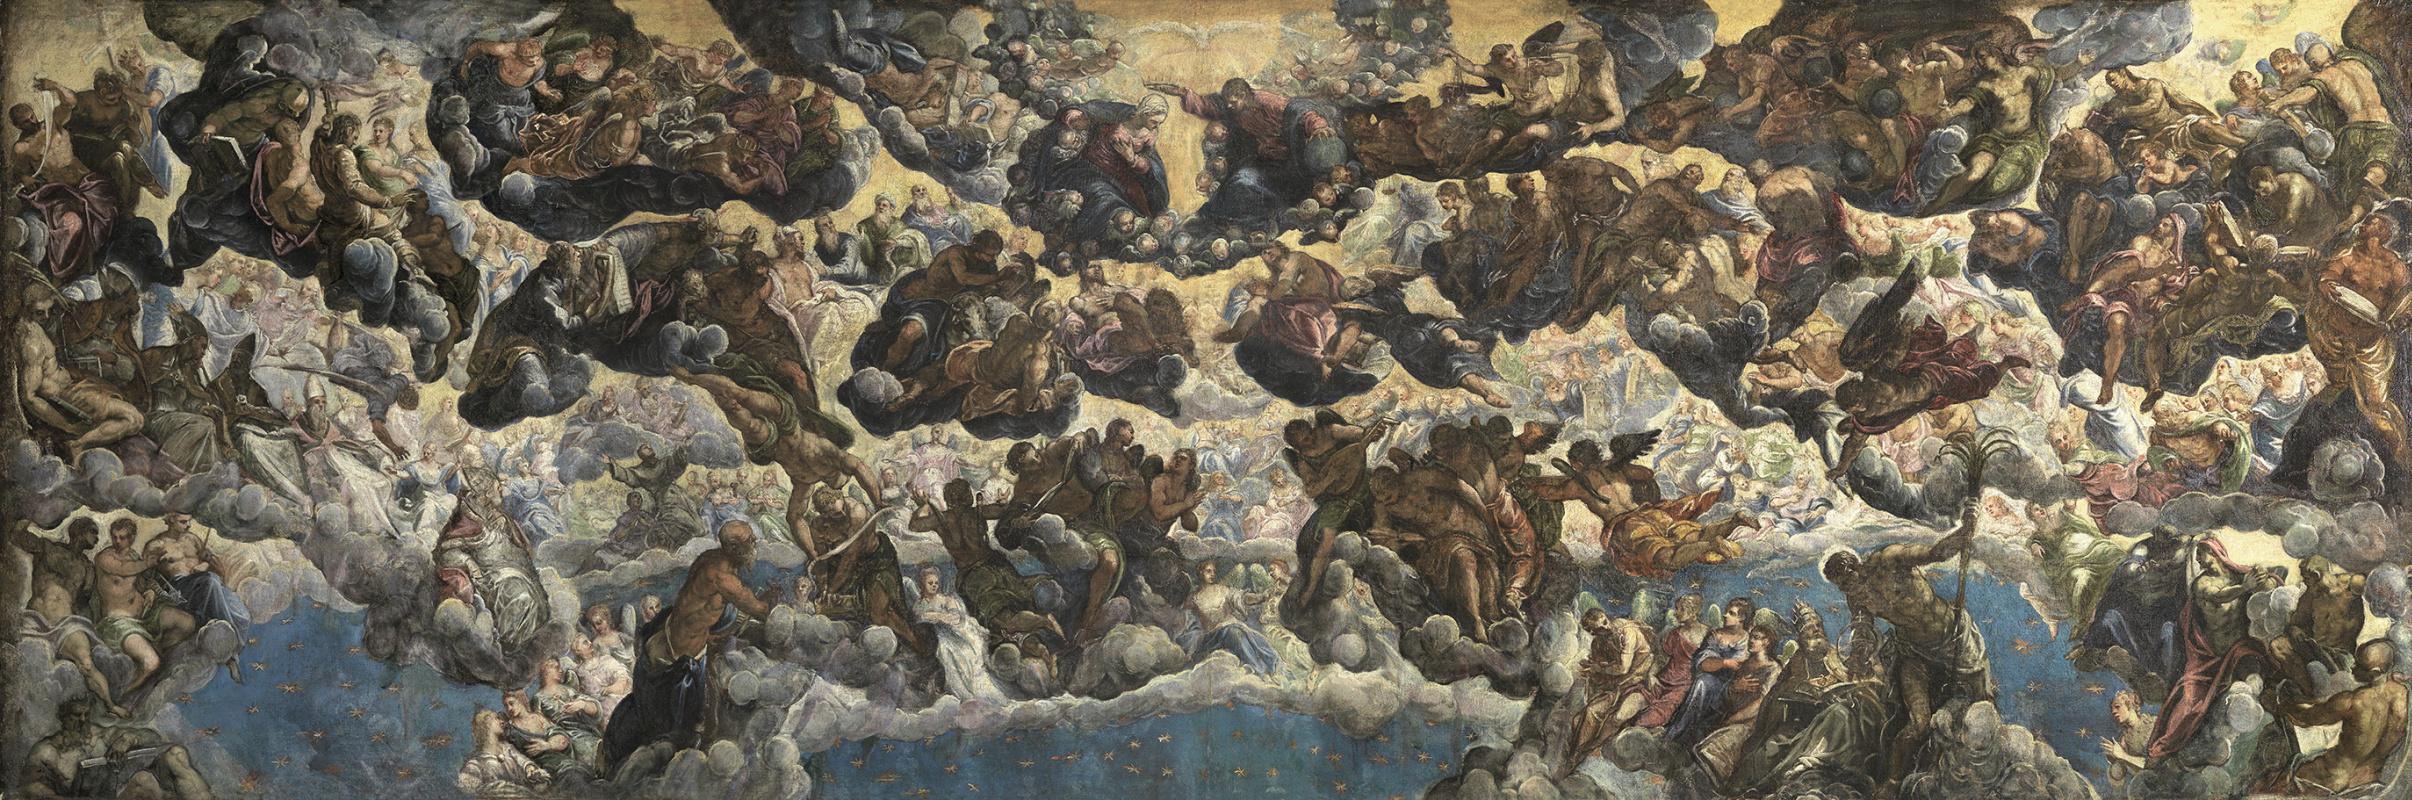 Якопо Тинторетто. Рай. Эскиз росписи главного зала Дворца дожей в Венеции